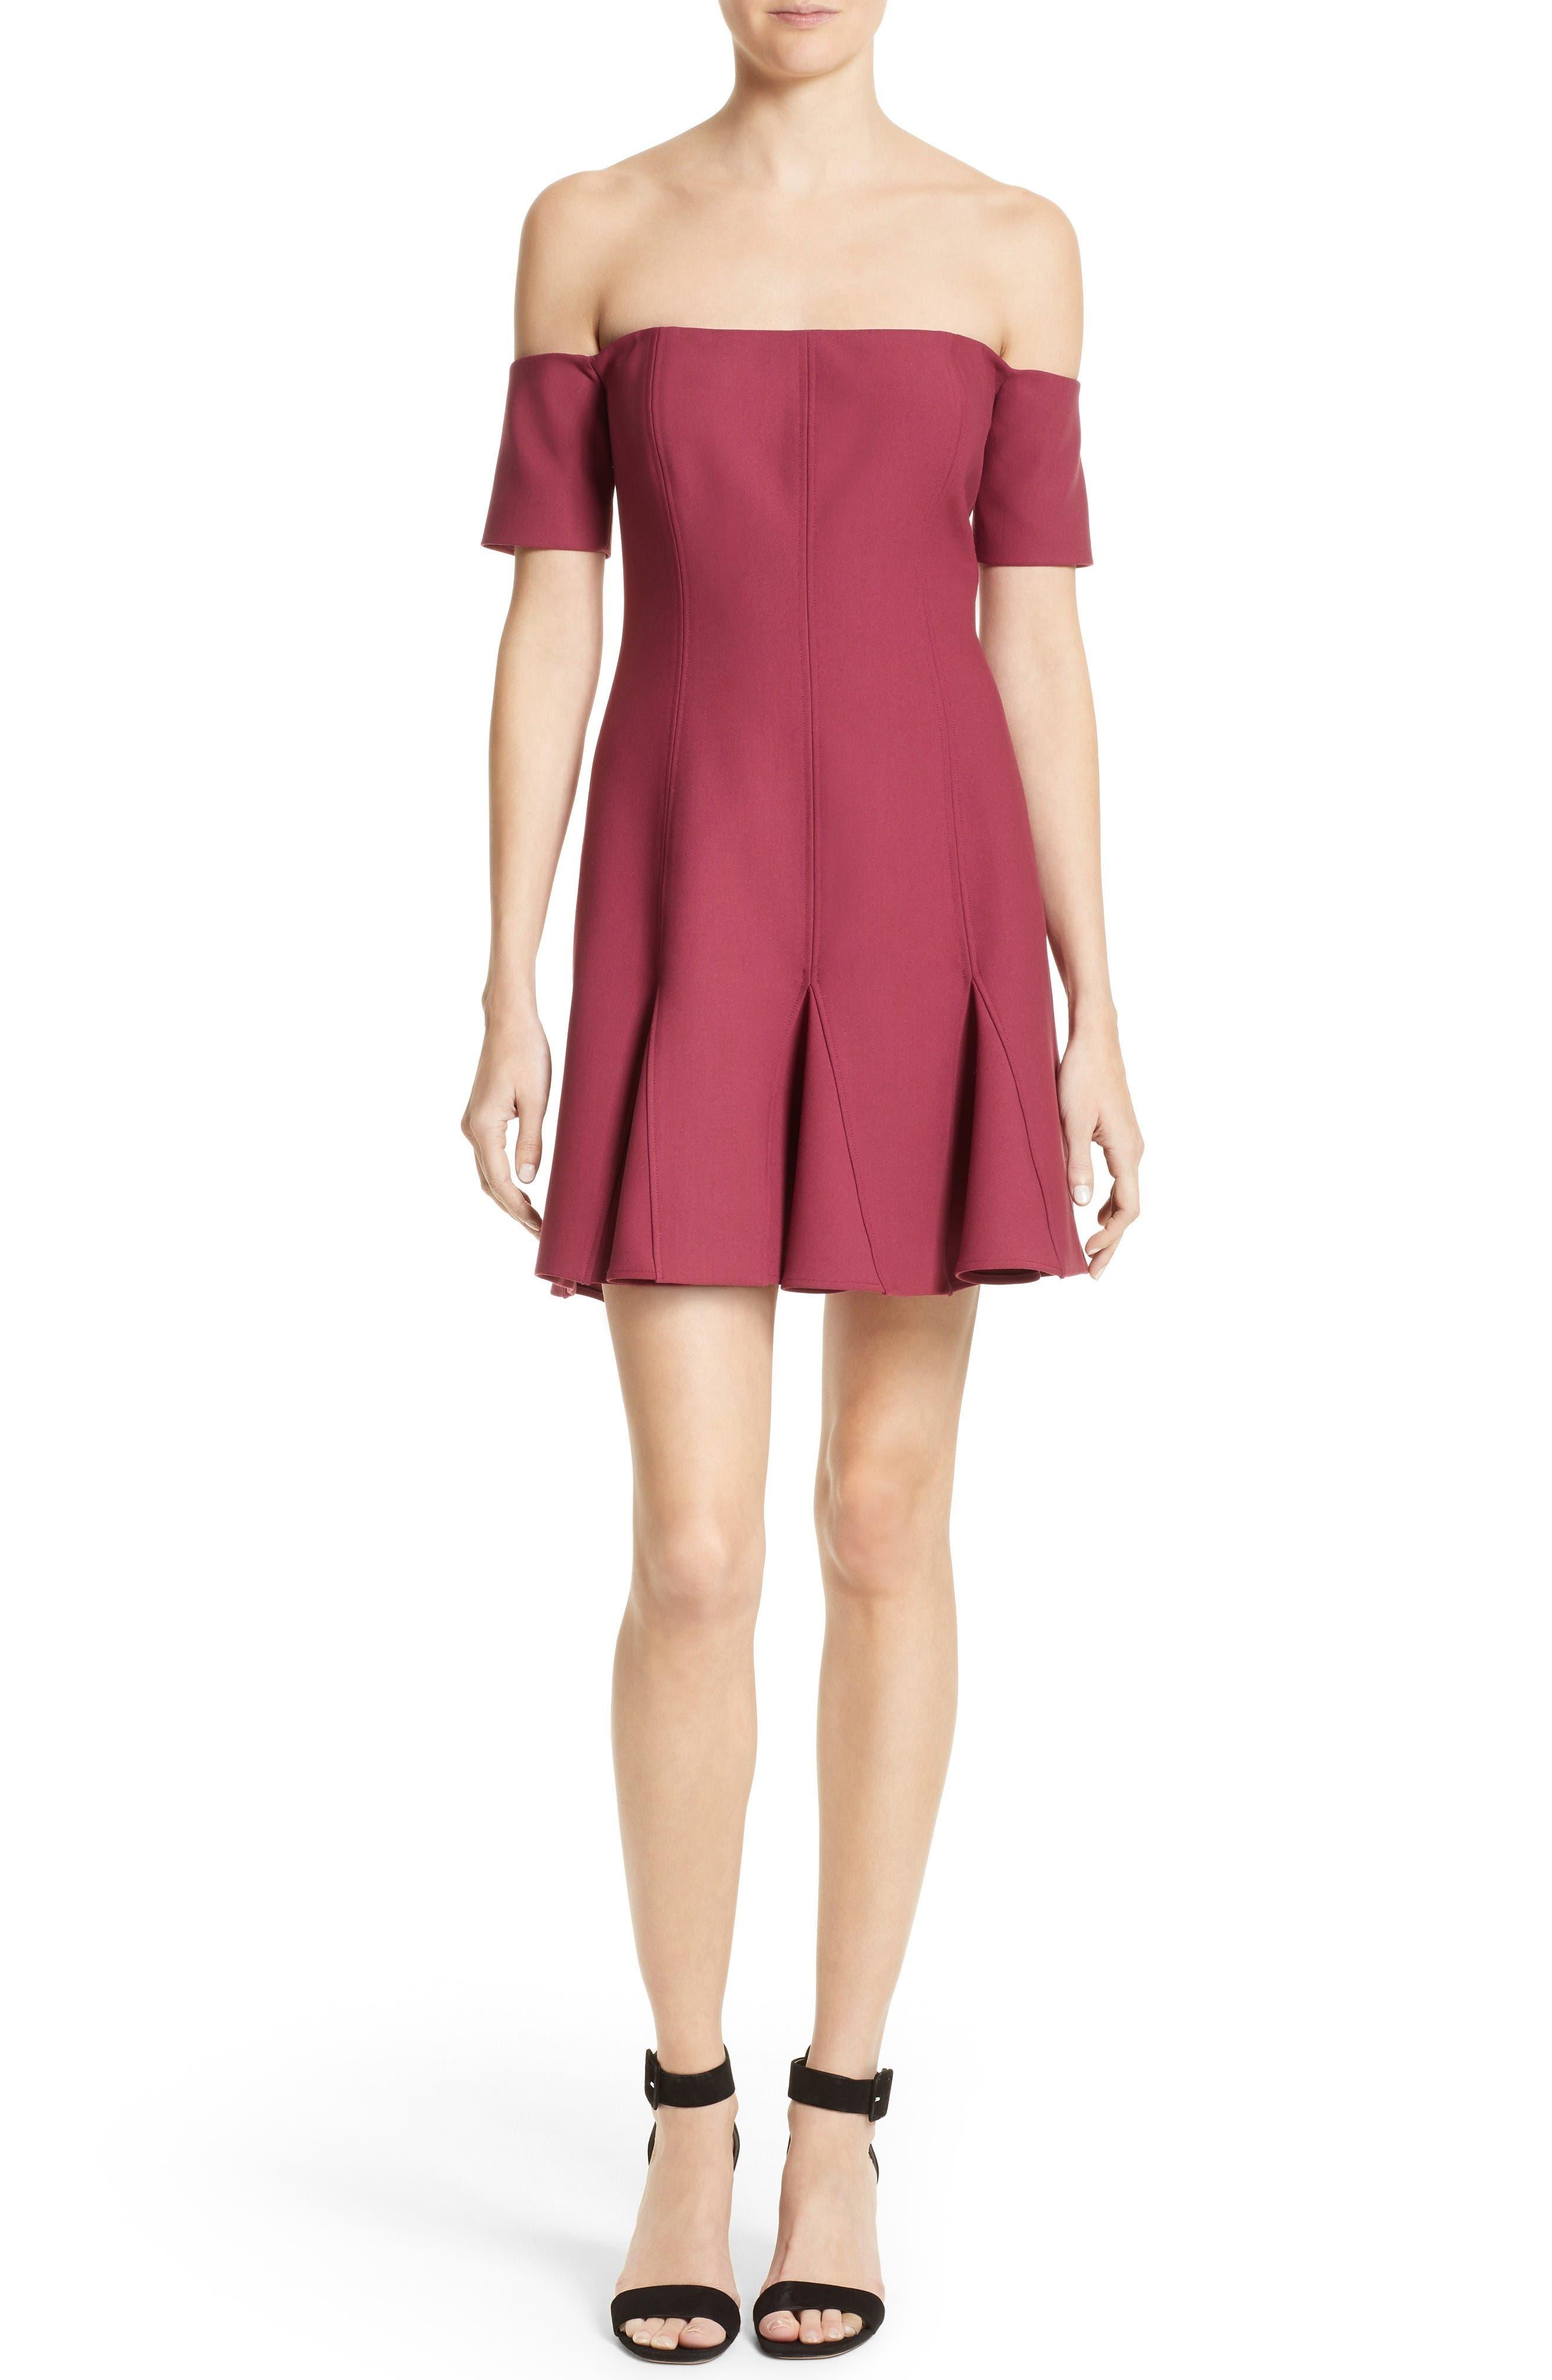 Alternate Image 1 Selected - Cinq à Sept Elva Off the Shoulder Dress